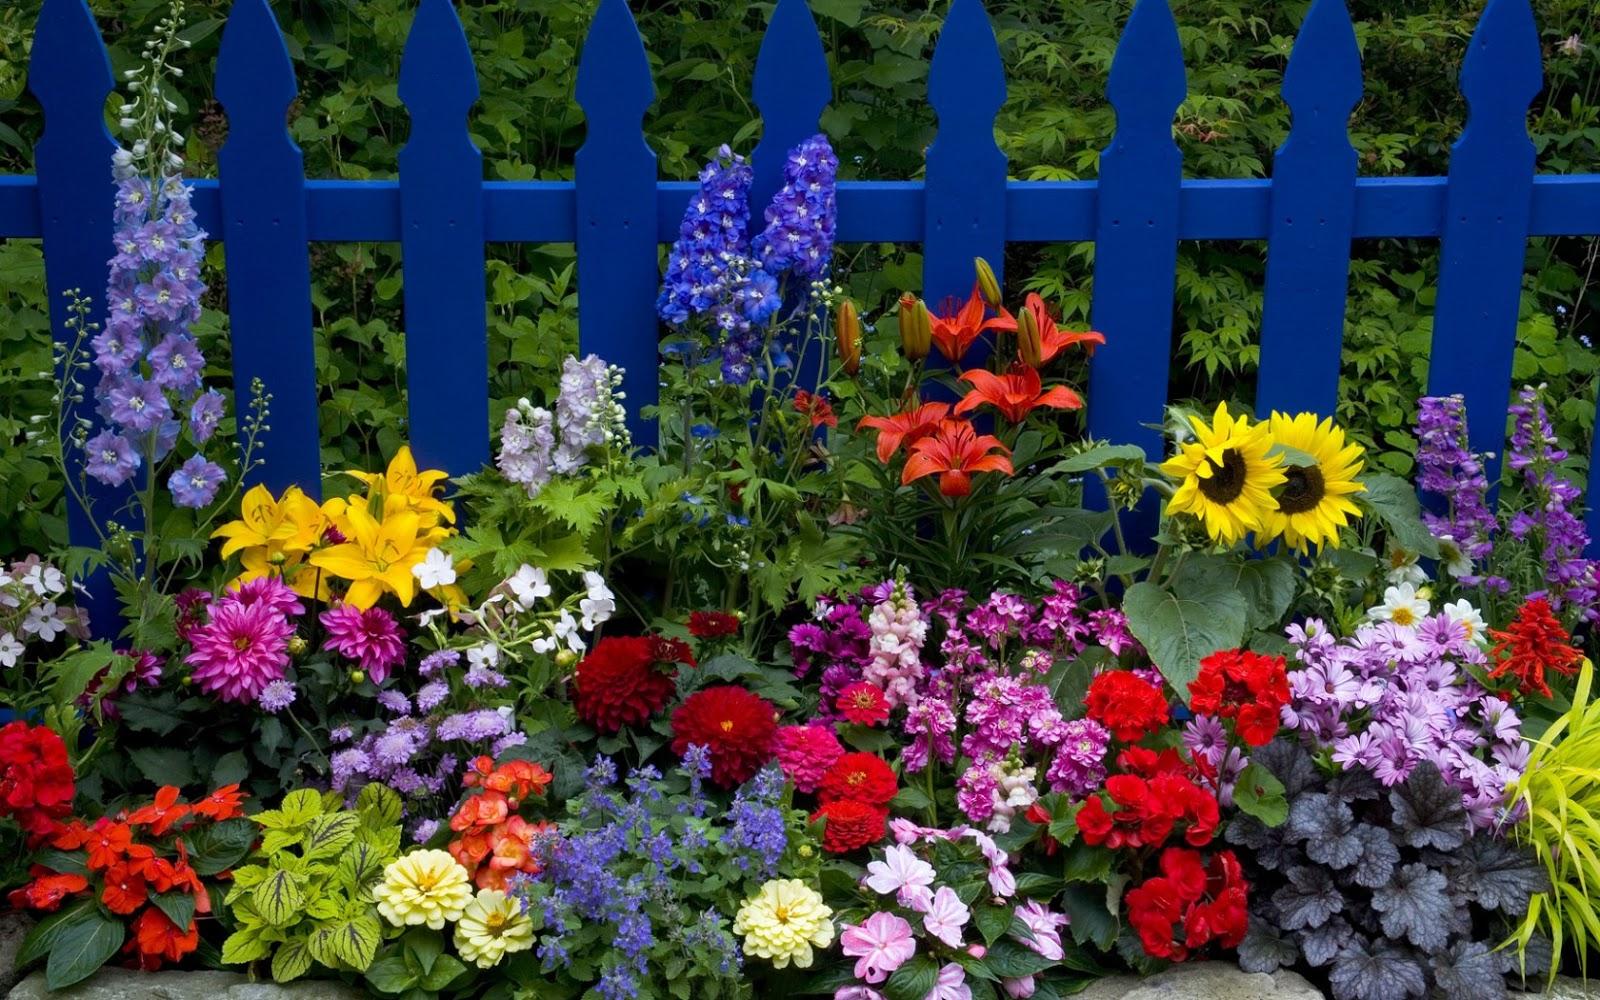 Imagenes De Jardines Con Flores: Fotos E Imágenes En FOTOBLOG X